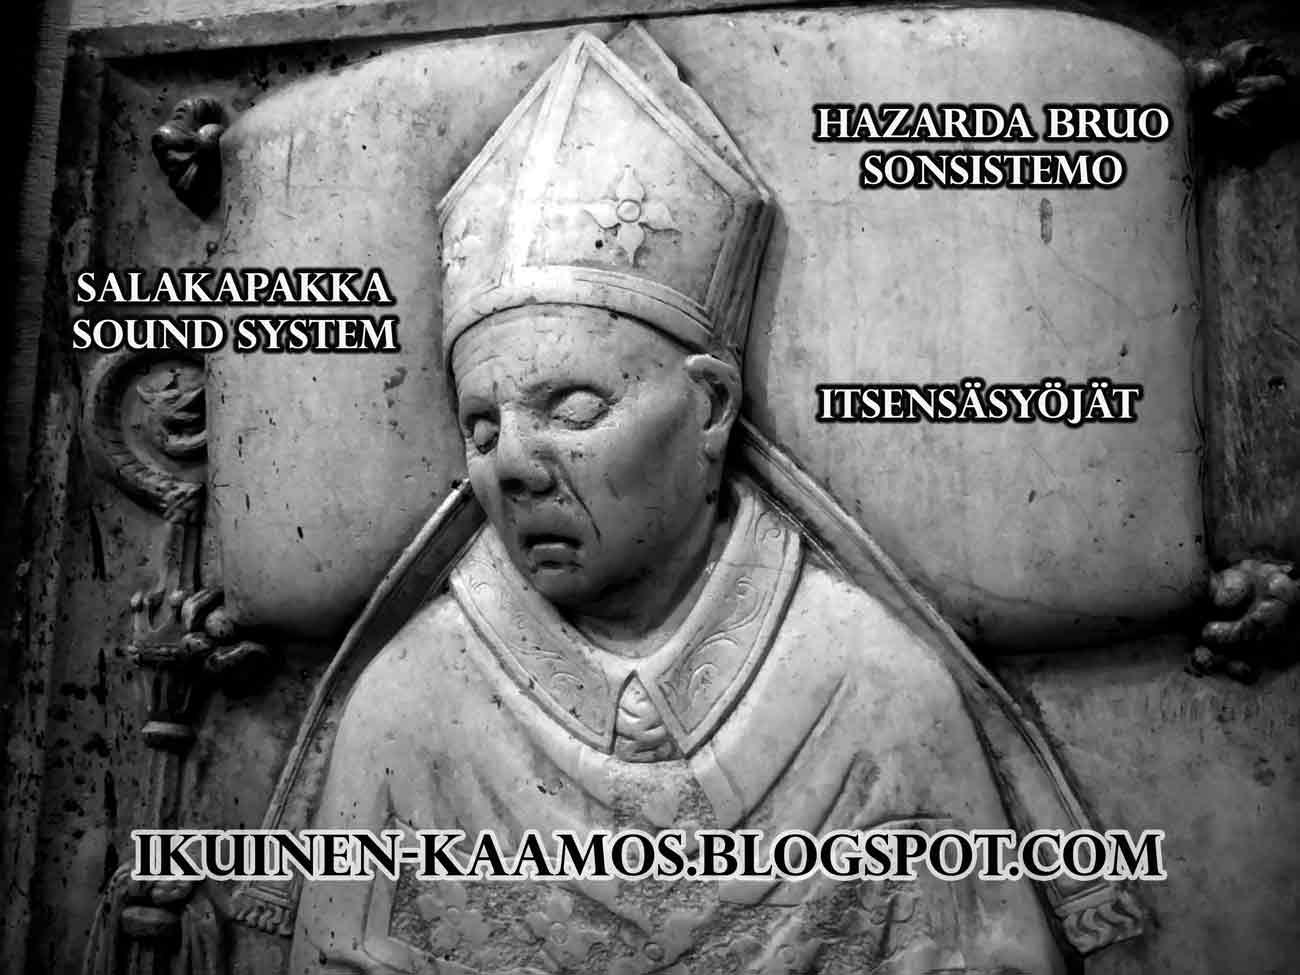 IKUINEN KAAMOS